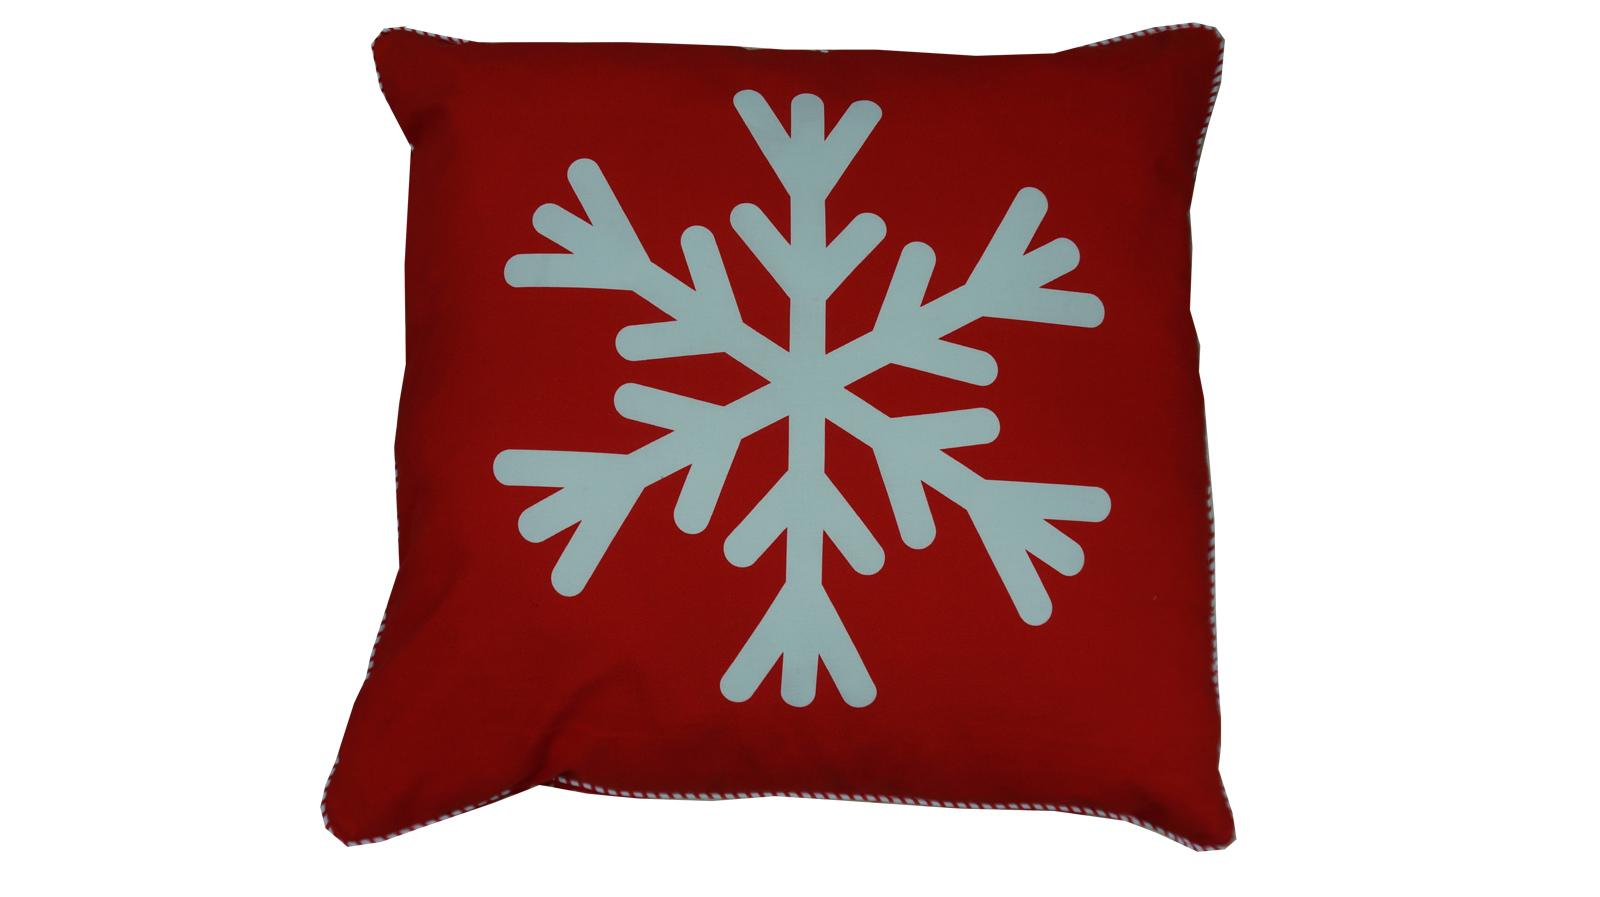 Poduszka Dekoracyjna Śnieżynka Boże Narodzenie baw